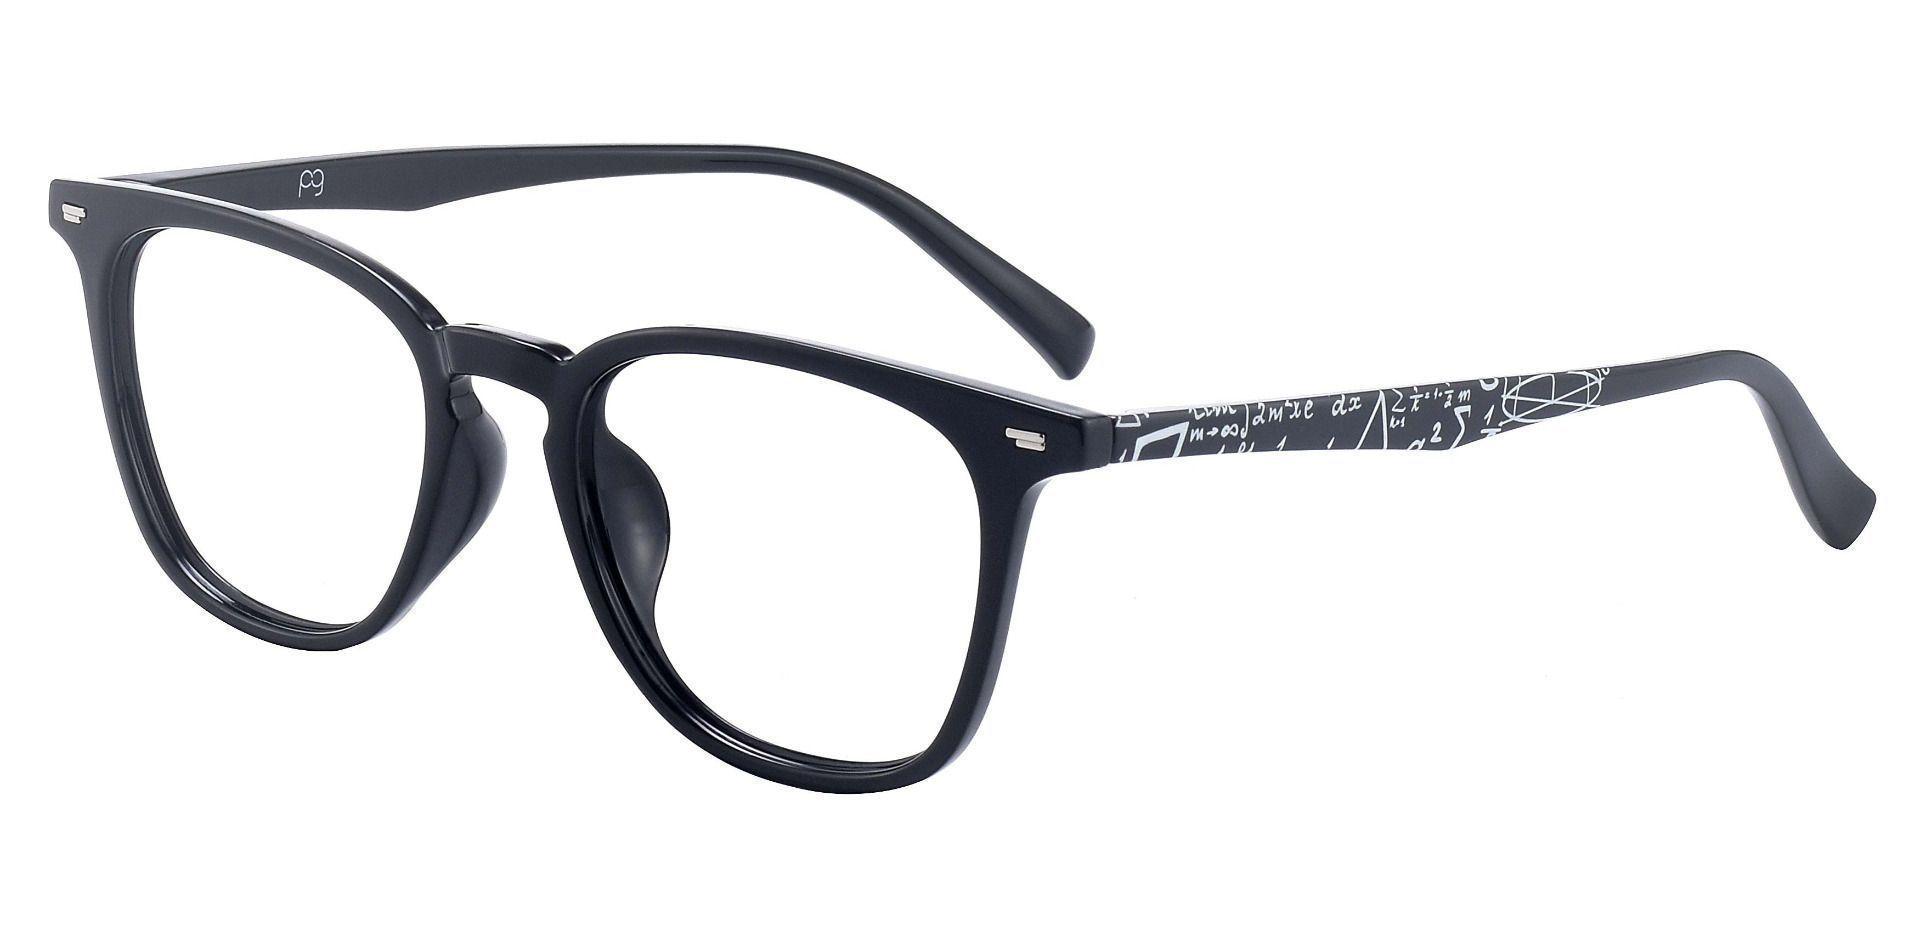 Wharton Square Prescription Glasses - Black